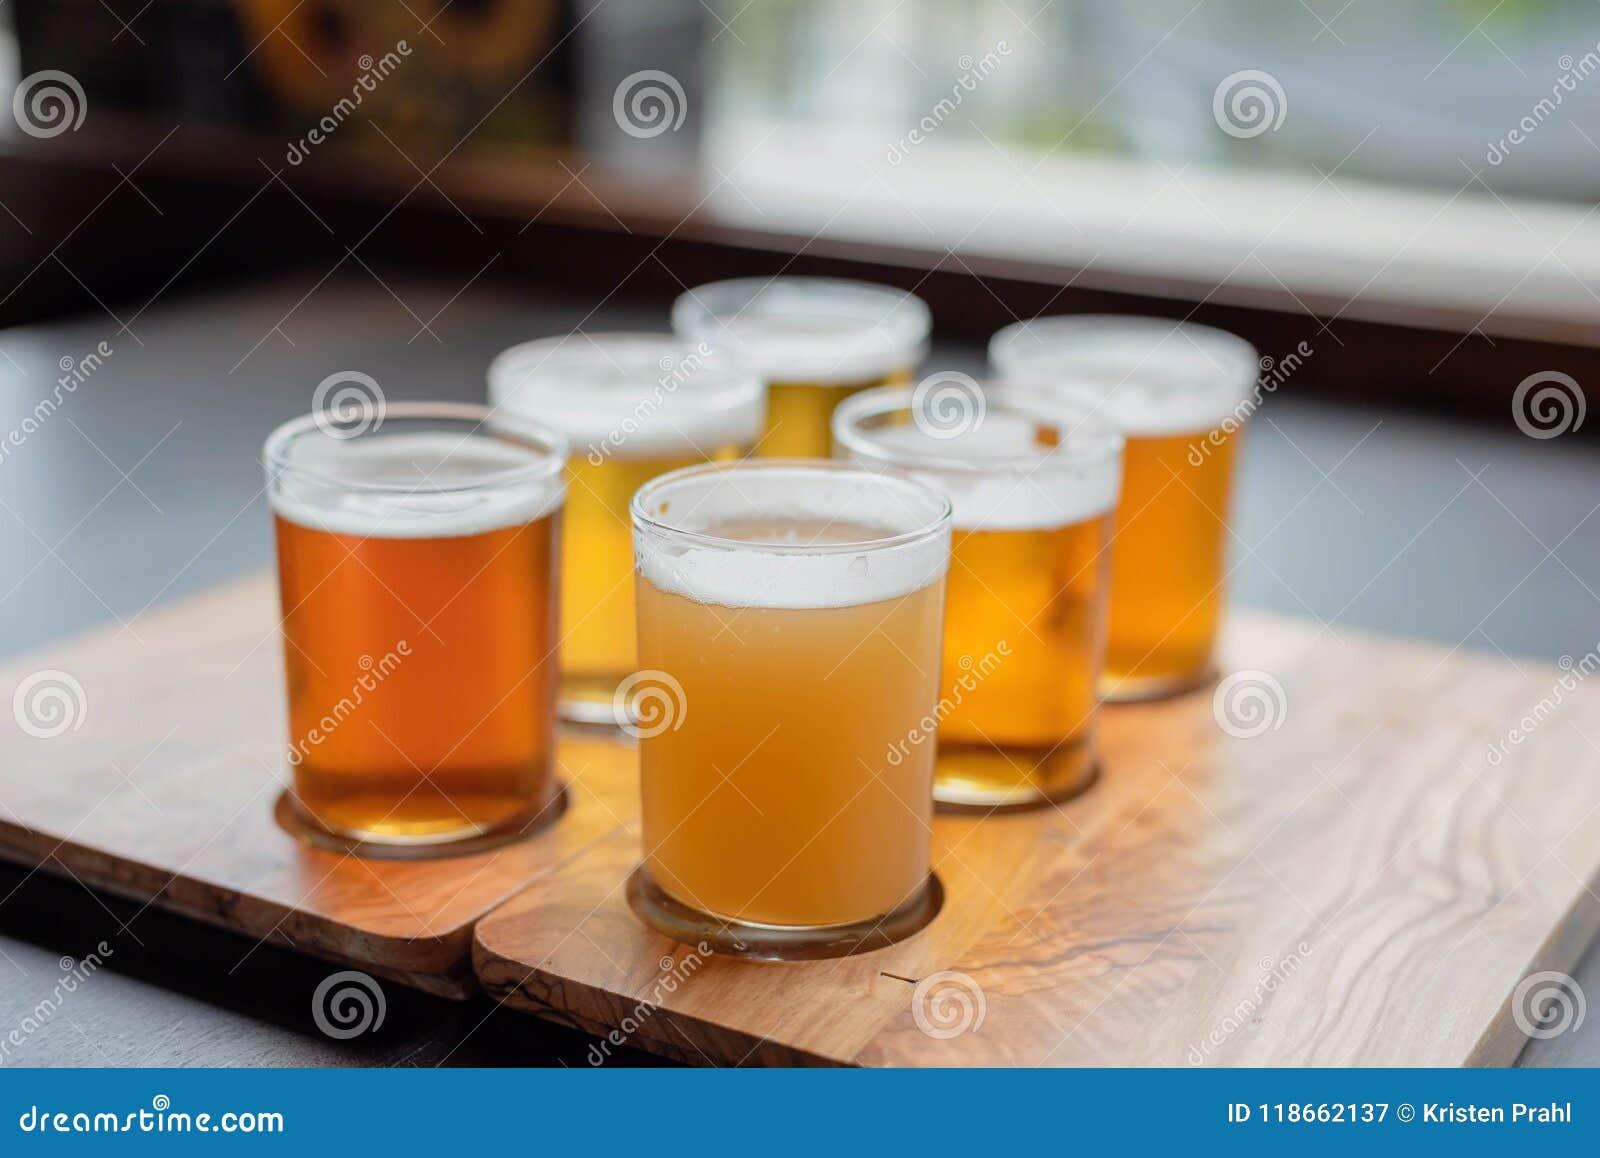 Bemonsteringsverscheidenheid van bieren van een biervlucht